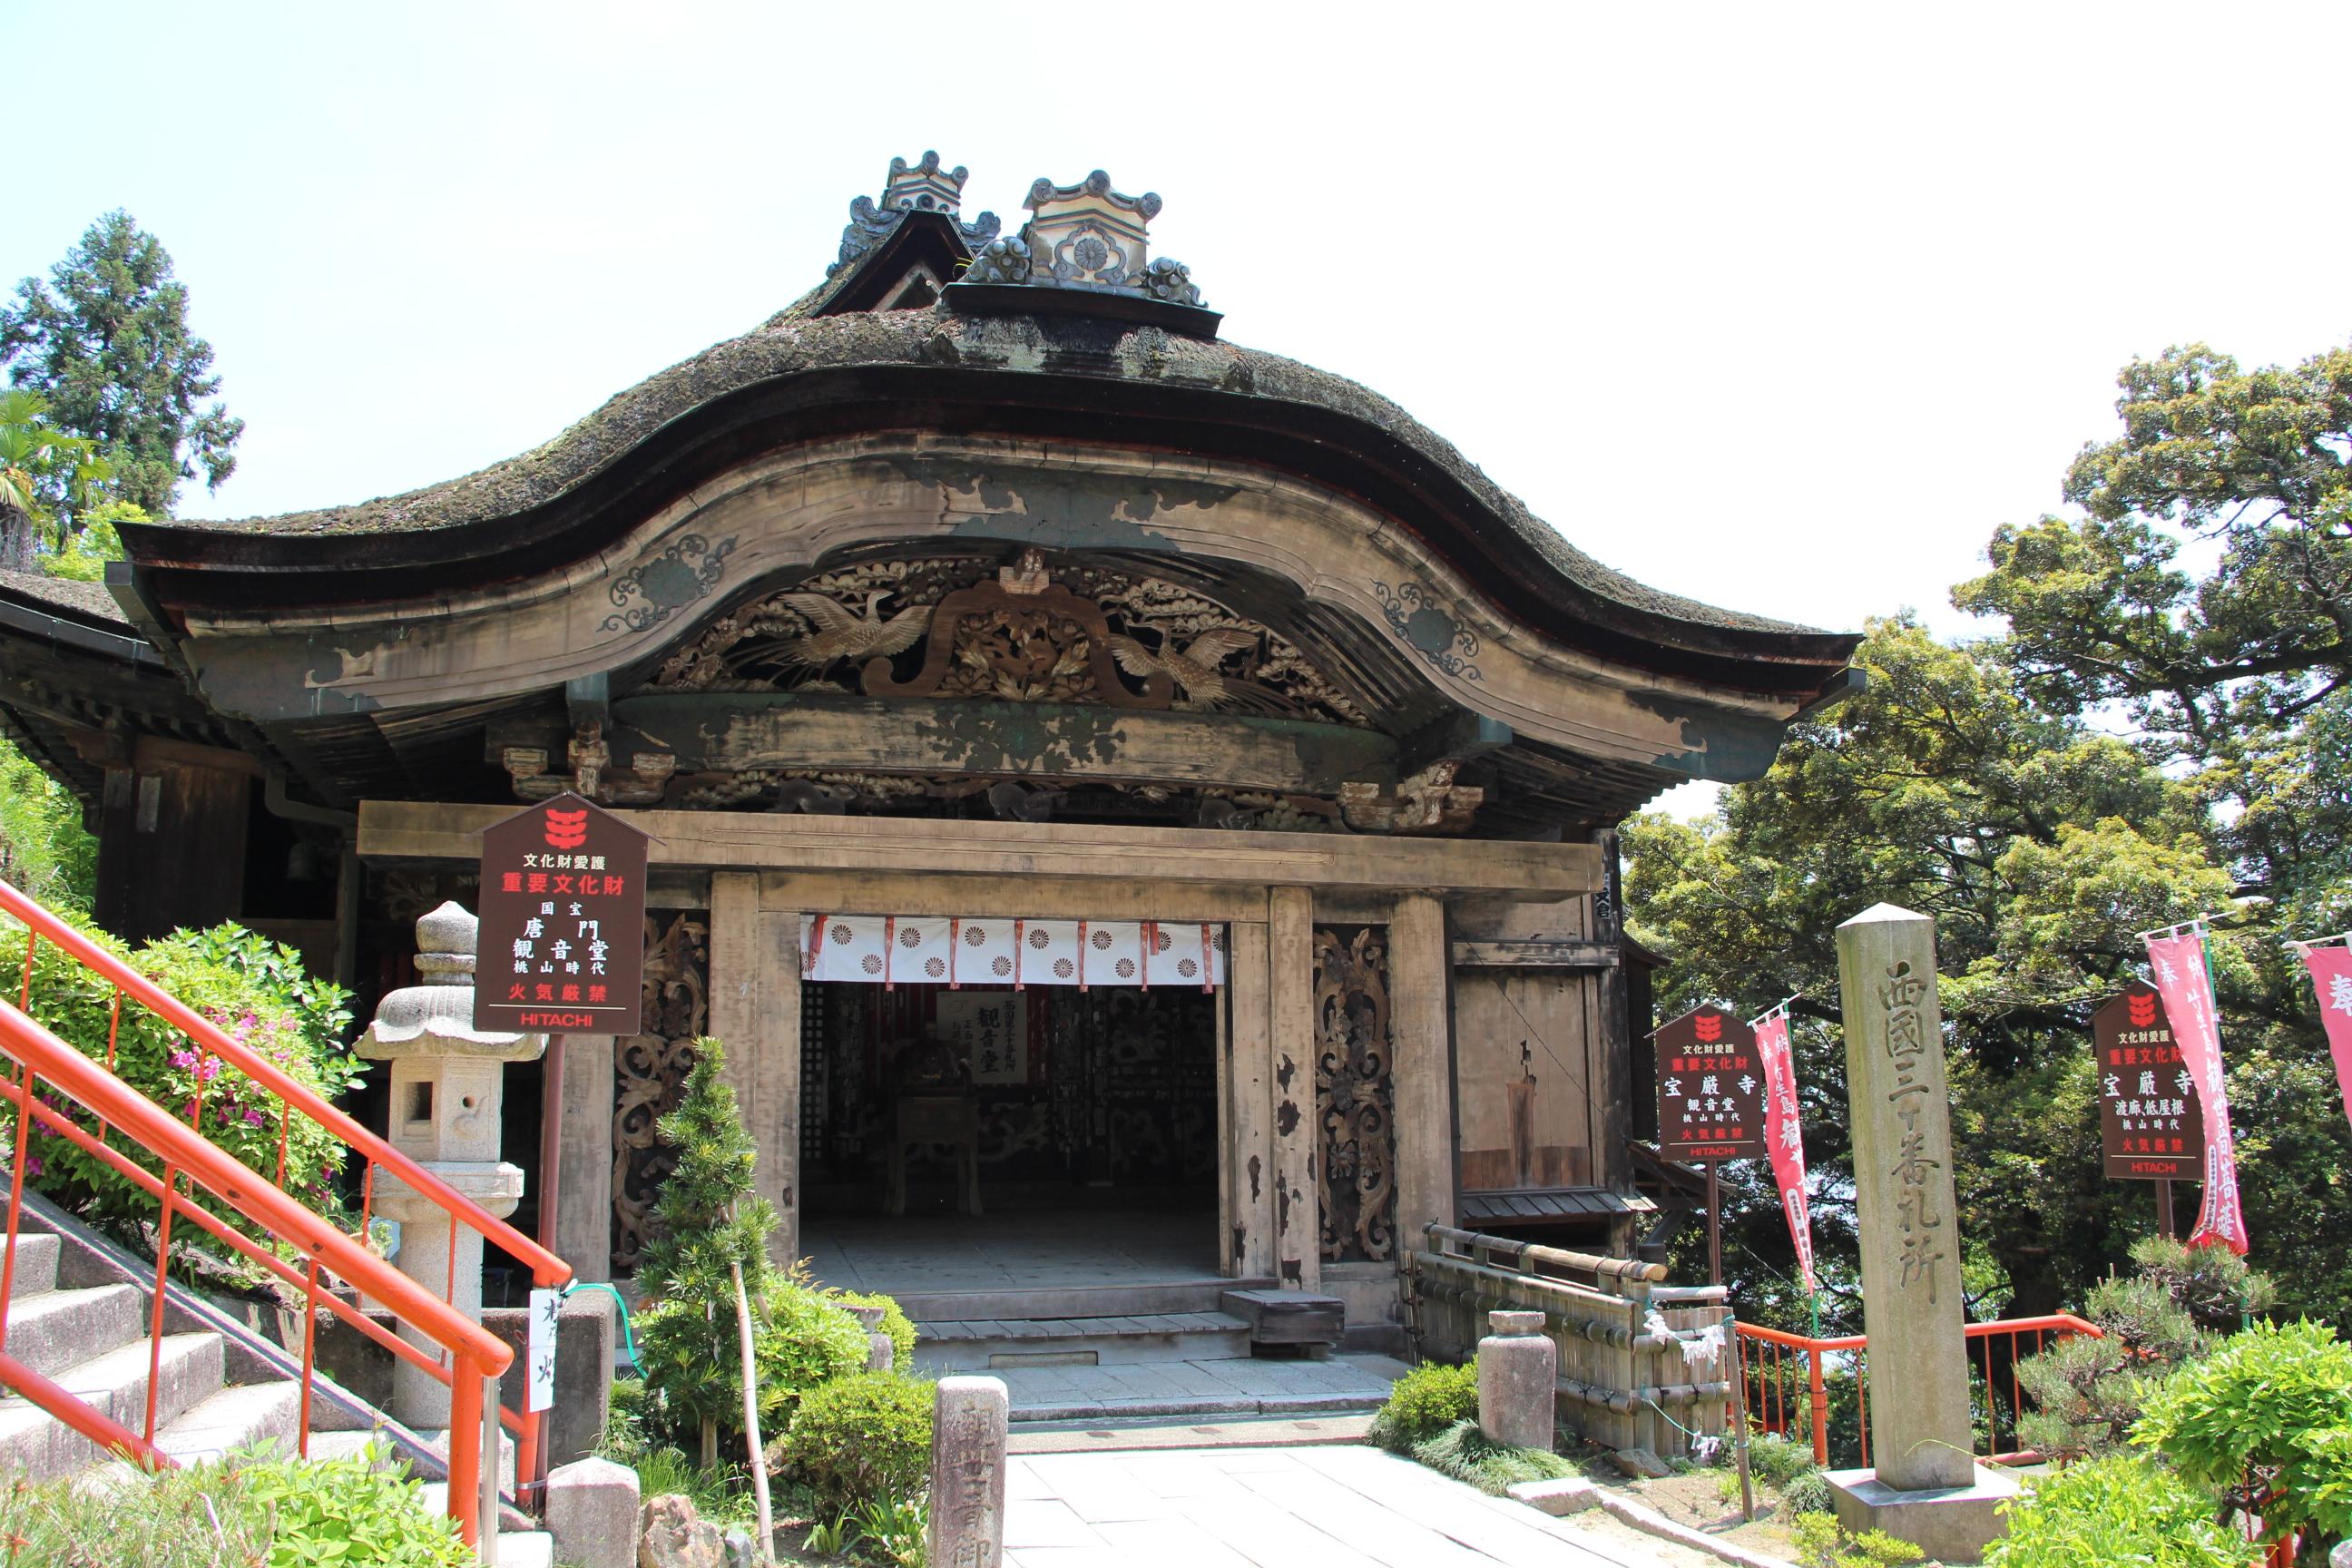 竹生島にある国宝「宝厳寺唐門」